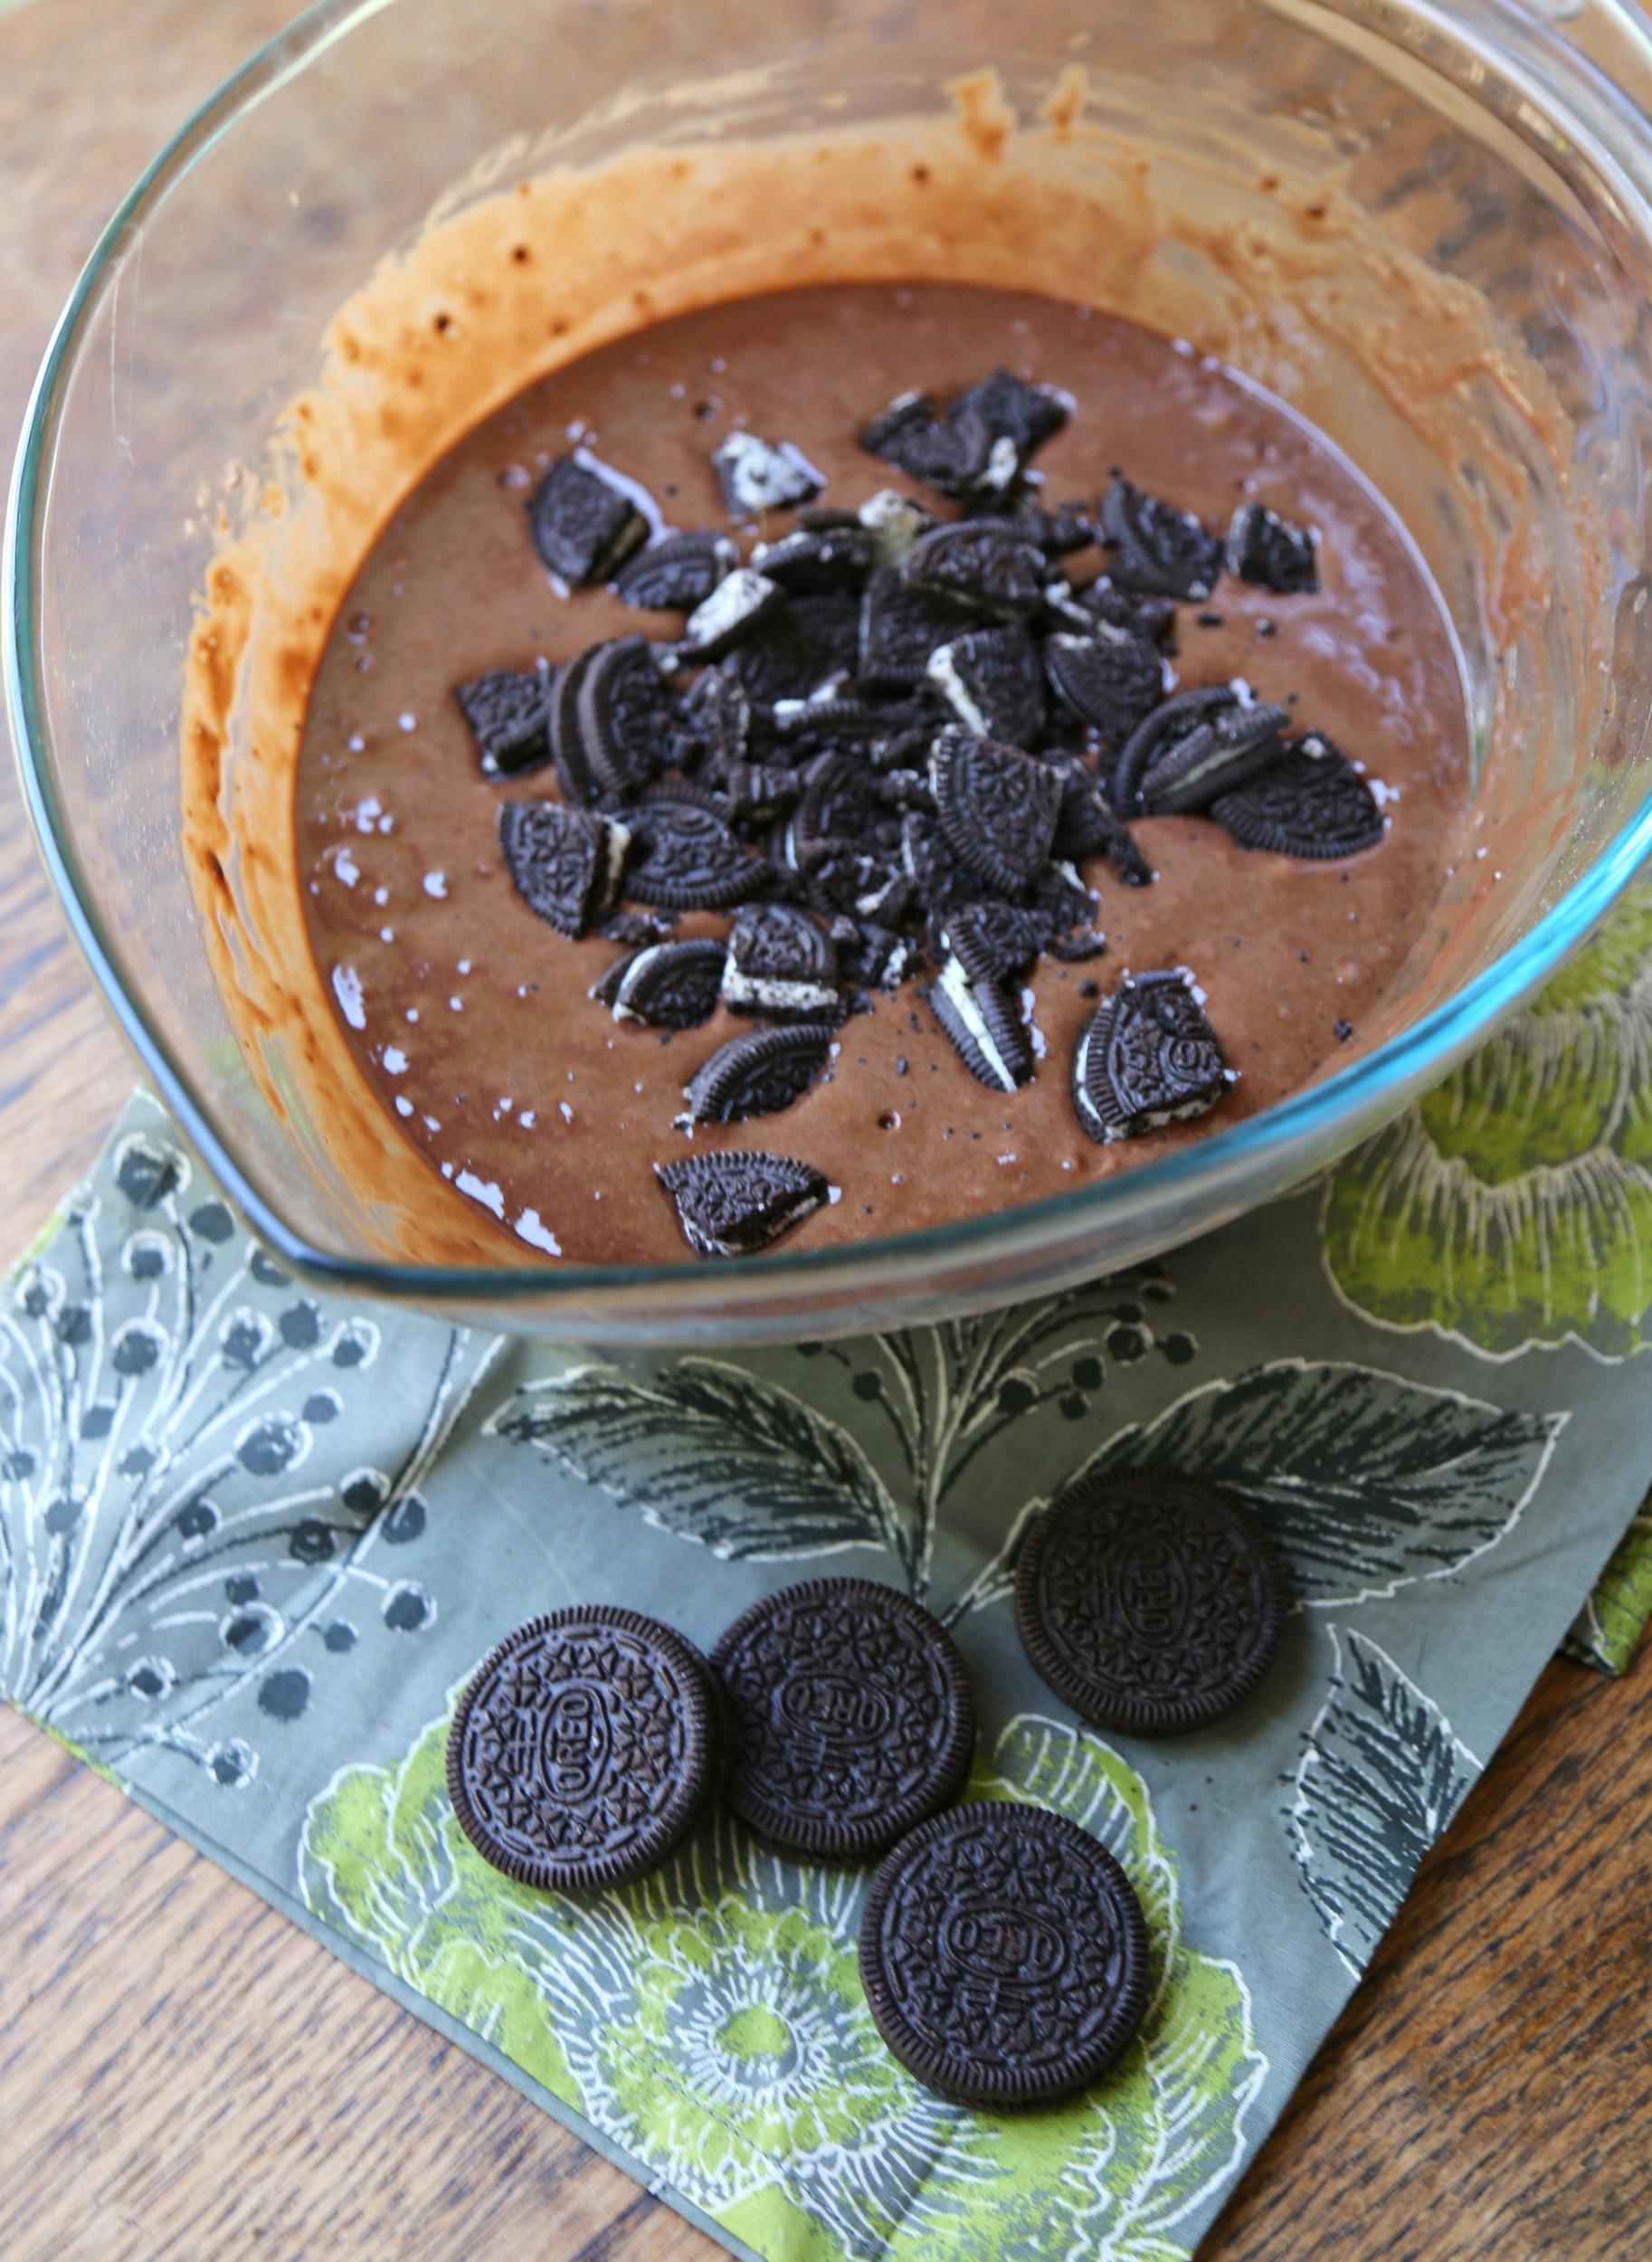 chocolate-oreo-churro-muffin-batter-vianneyrodriguez-sweetlifebake